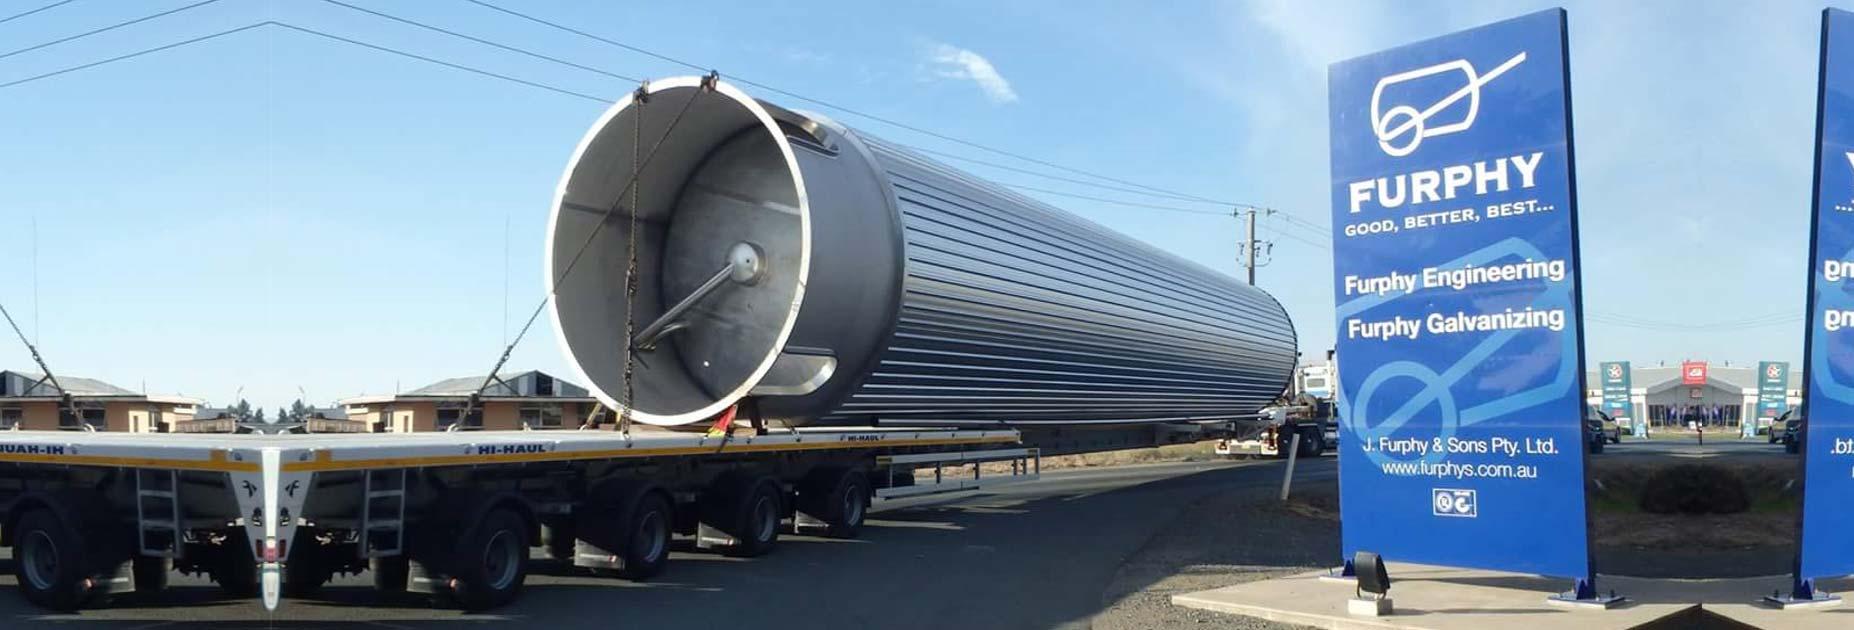 stainless steel tanks, engineering, vessels